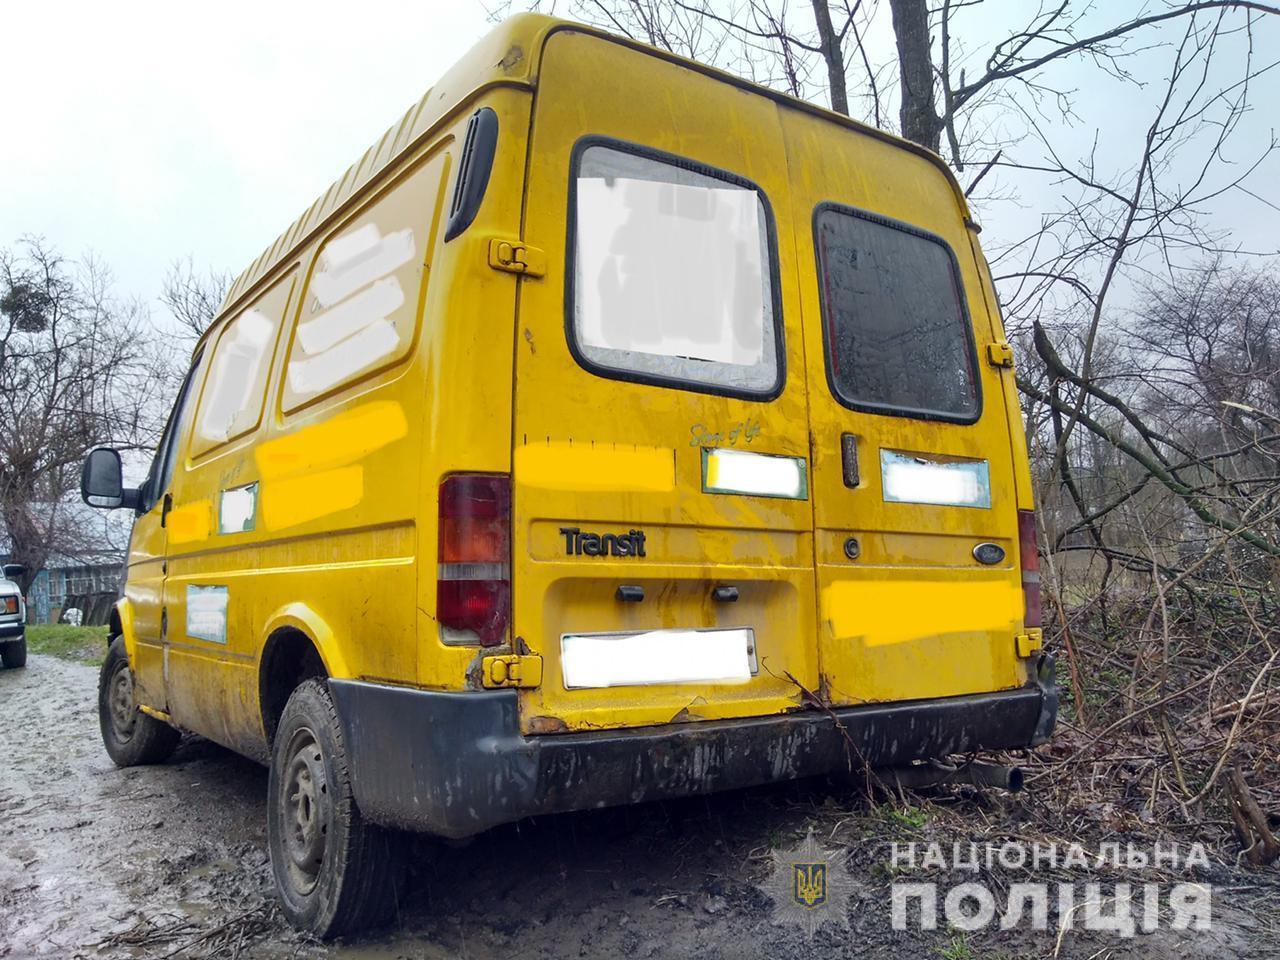 У Теплицькій громаді чоловік викрав мікроавтобус та потрапив в аварію (Фото)